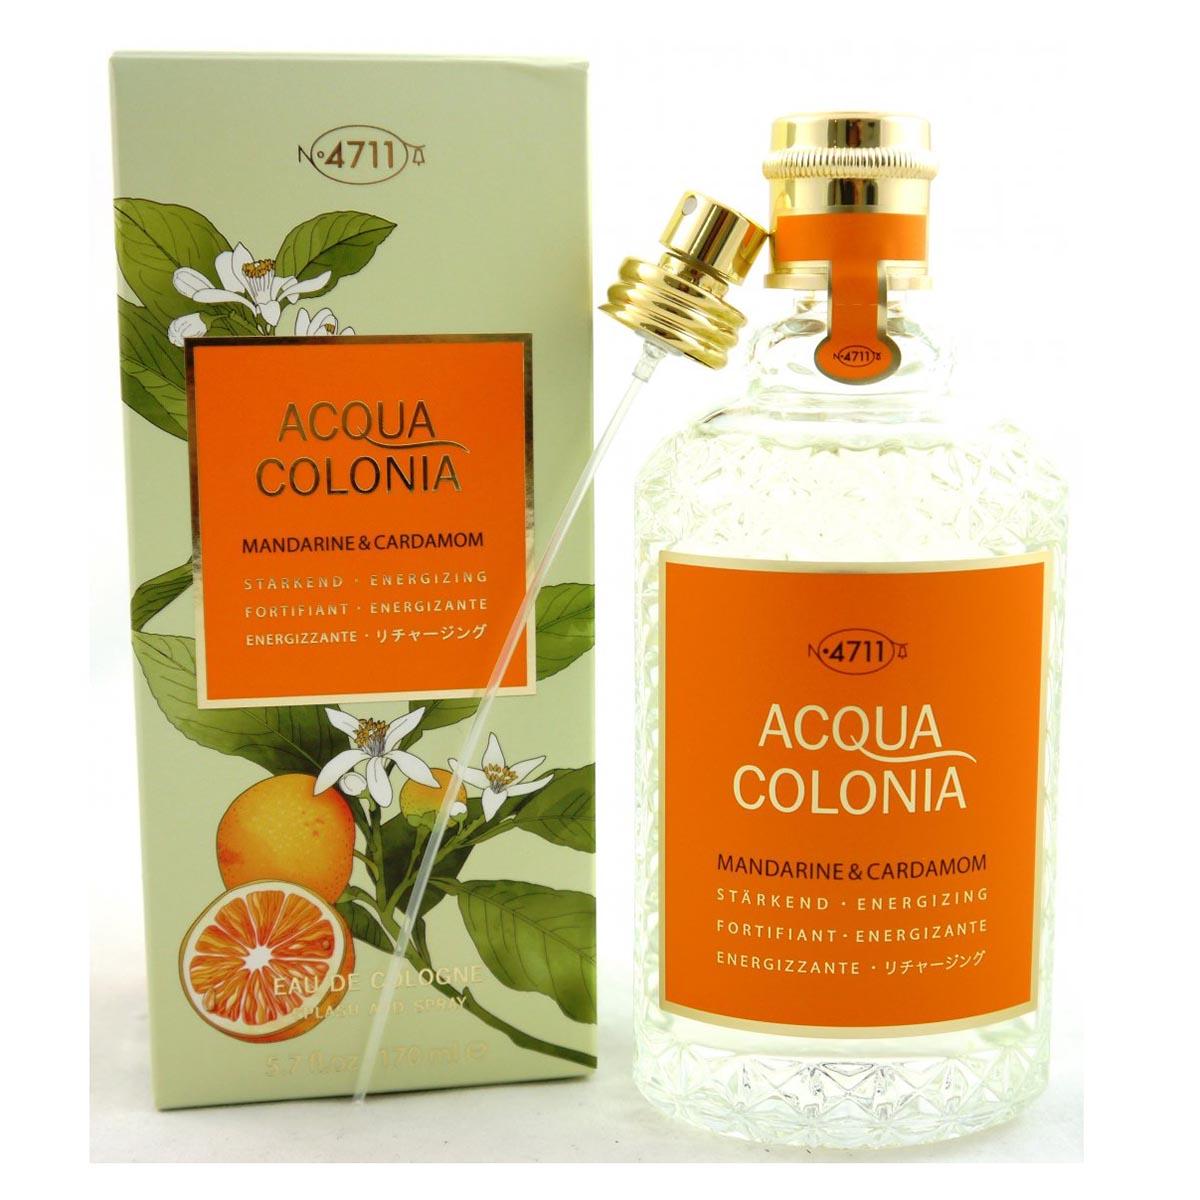 4711 acqua colonia mandarine cardamom eau de cologne 170ml vaporizador